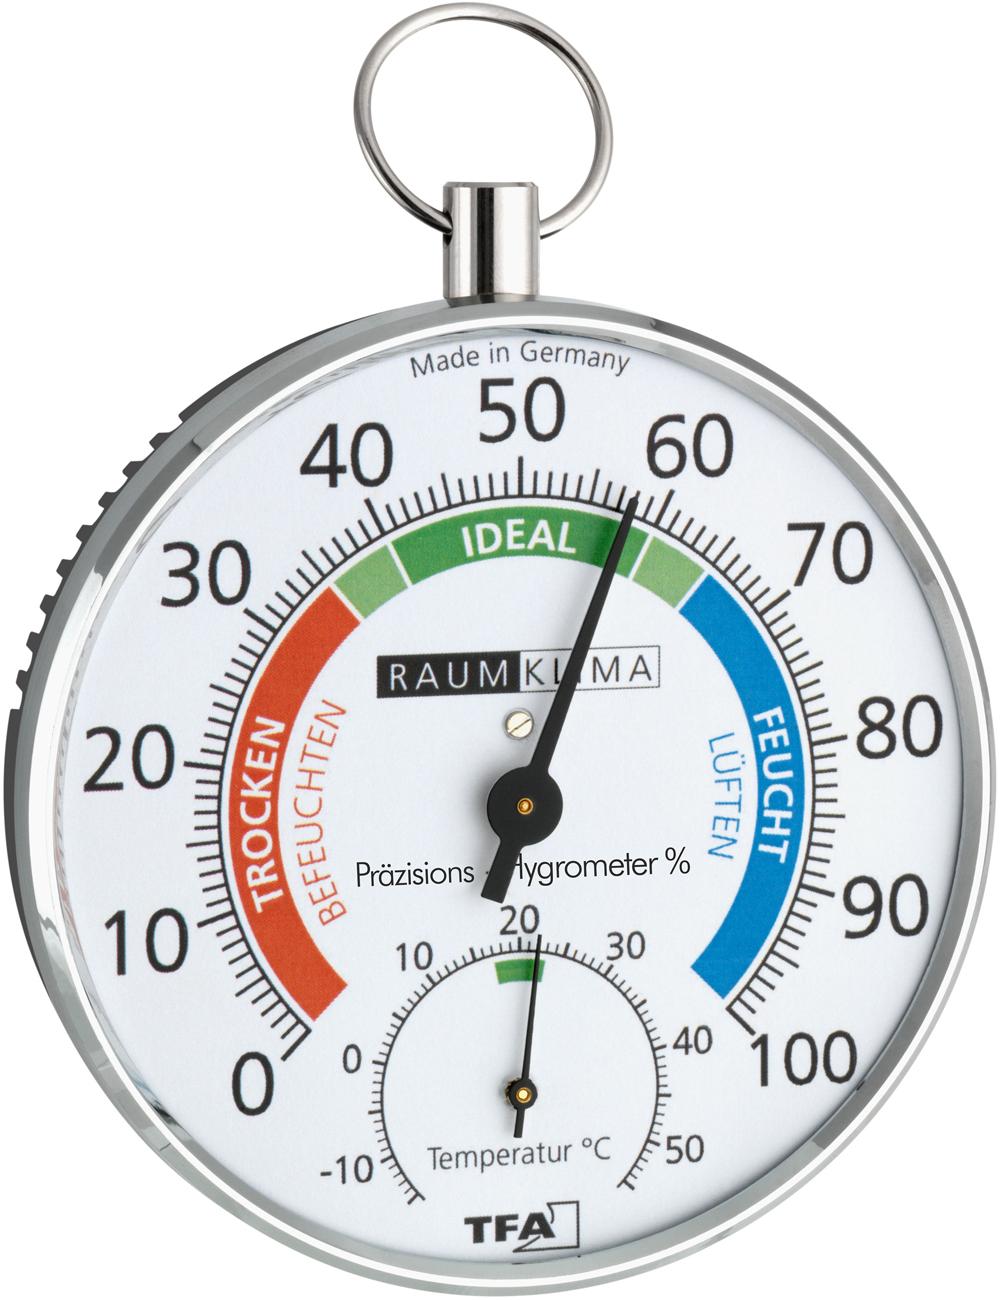 Product info - Termometro de pared ...